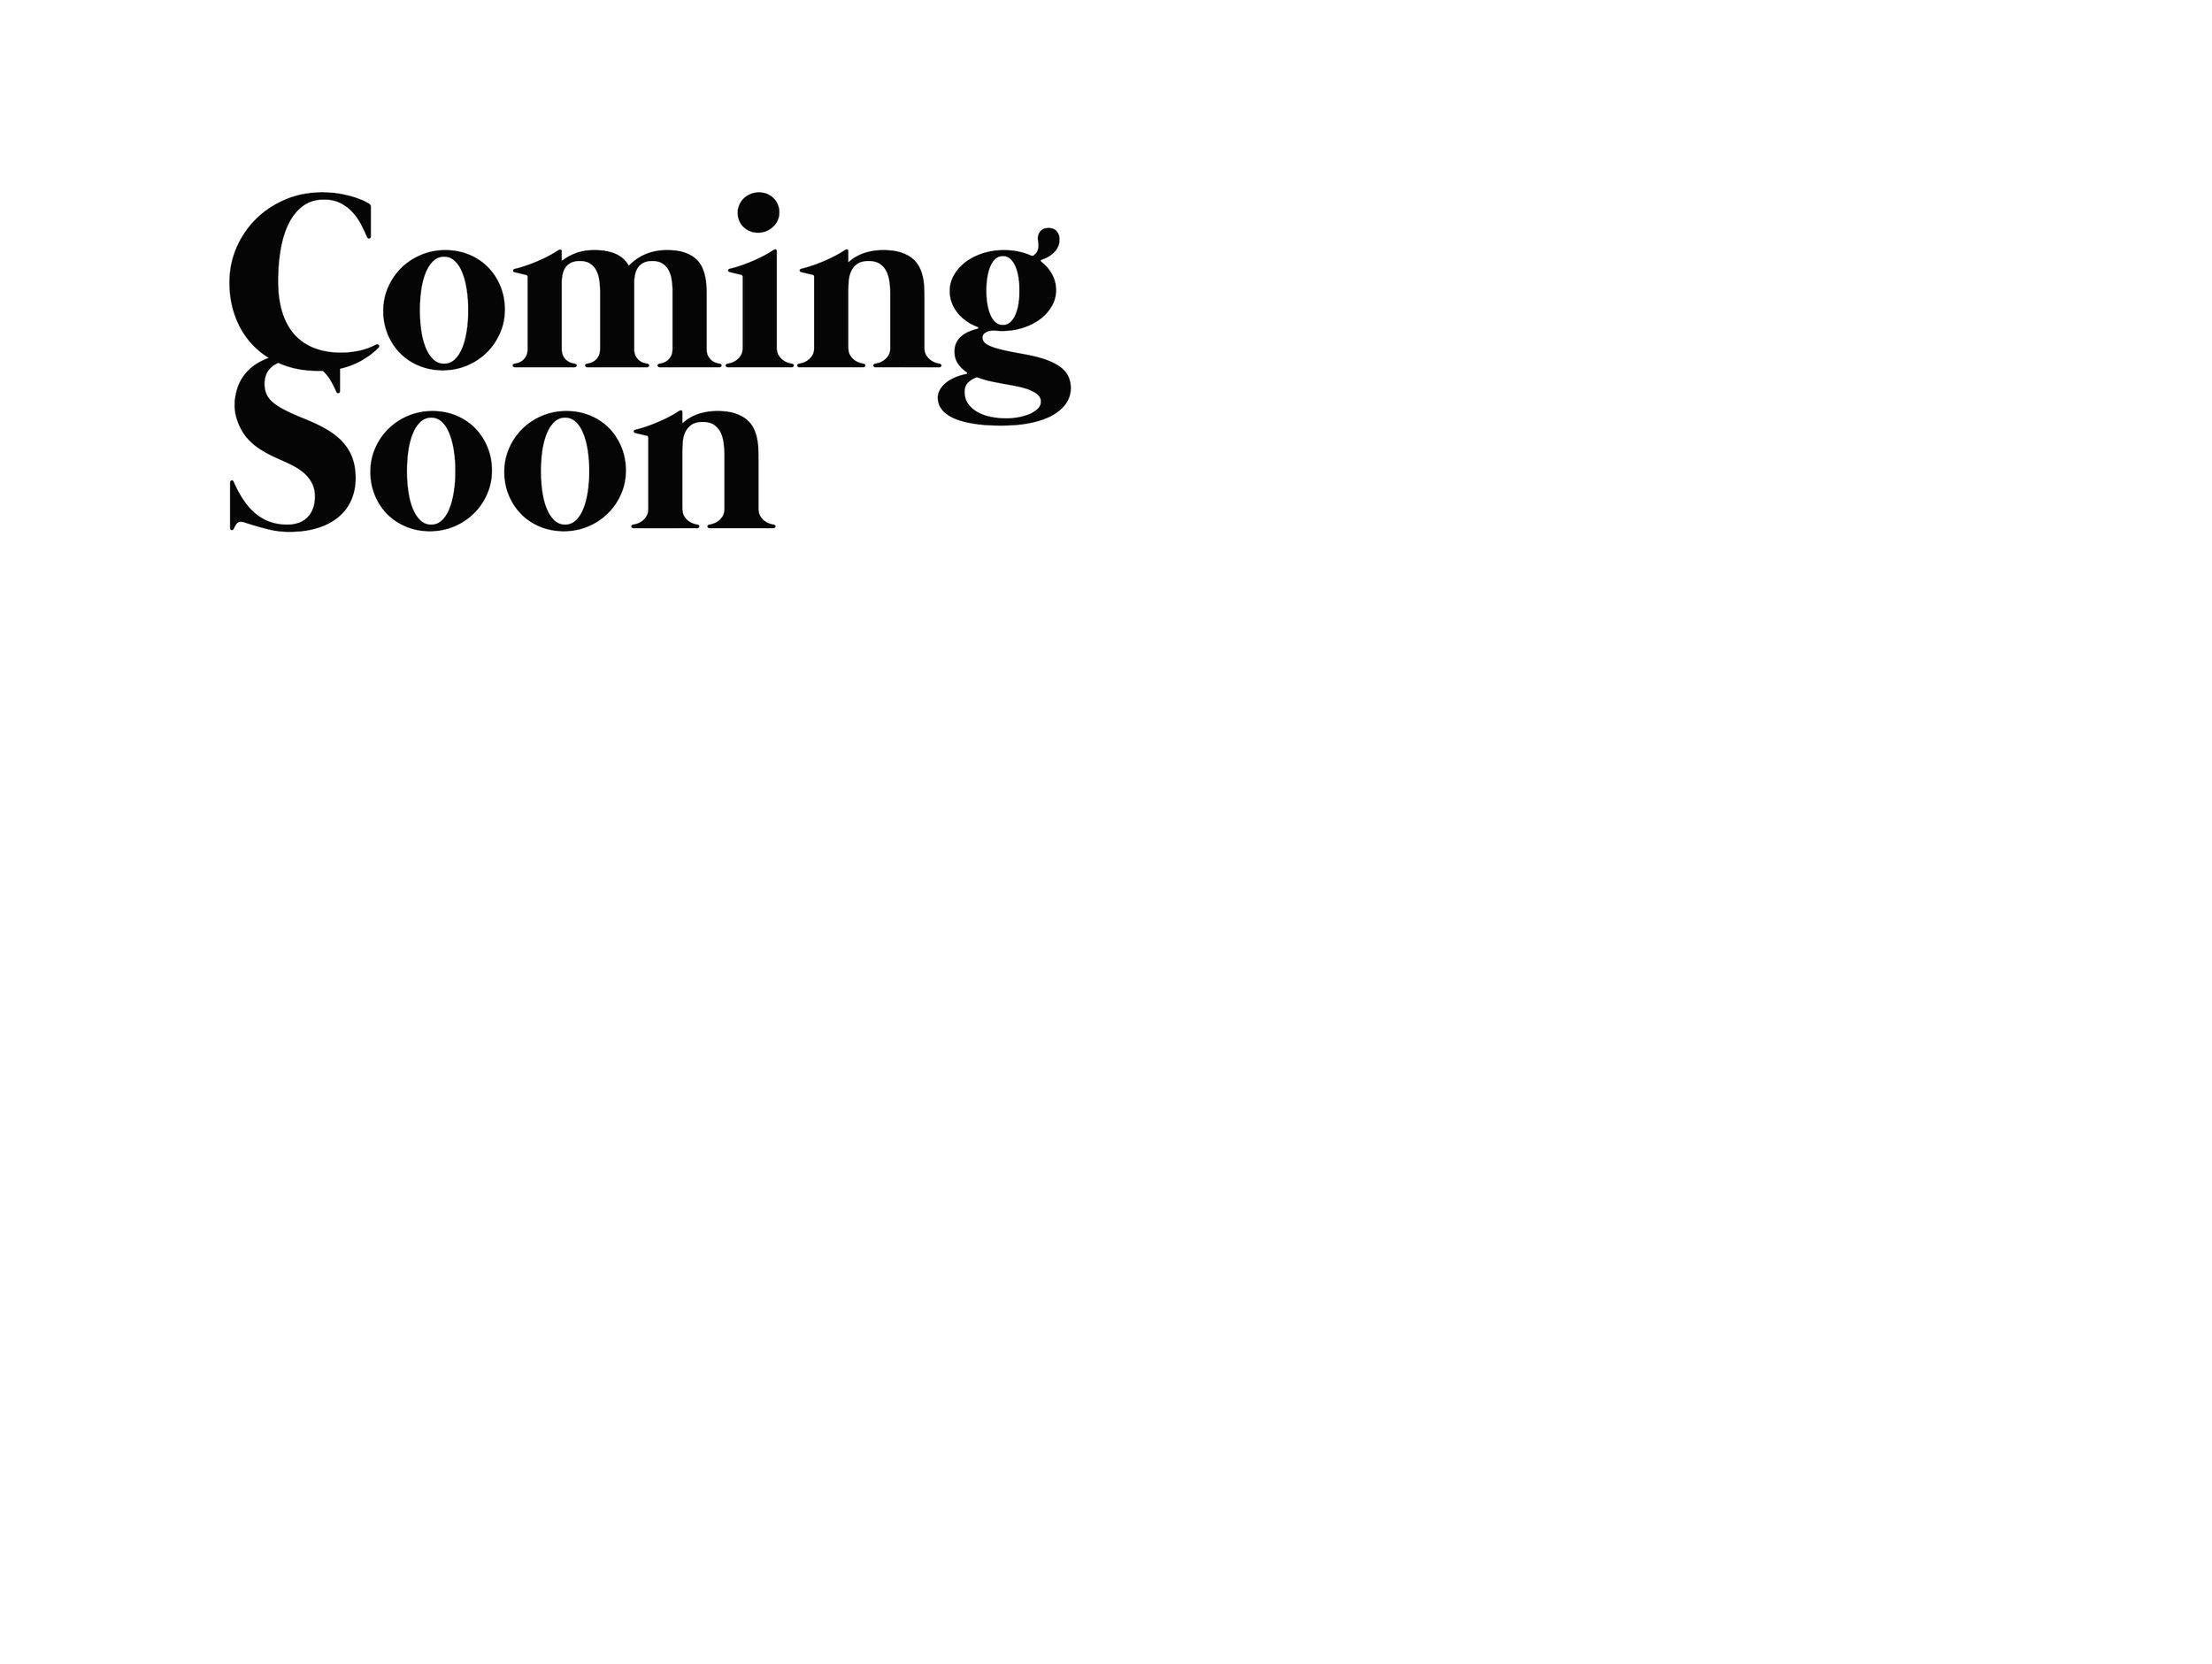 PP_coming soon.jpg